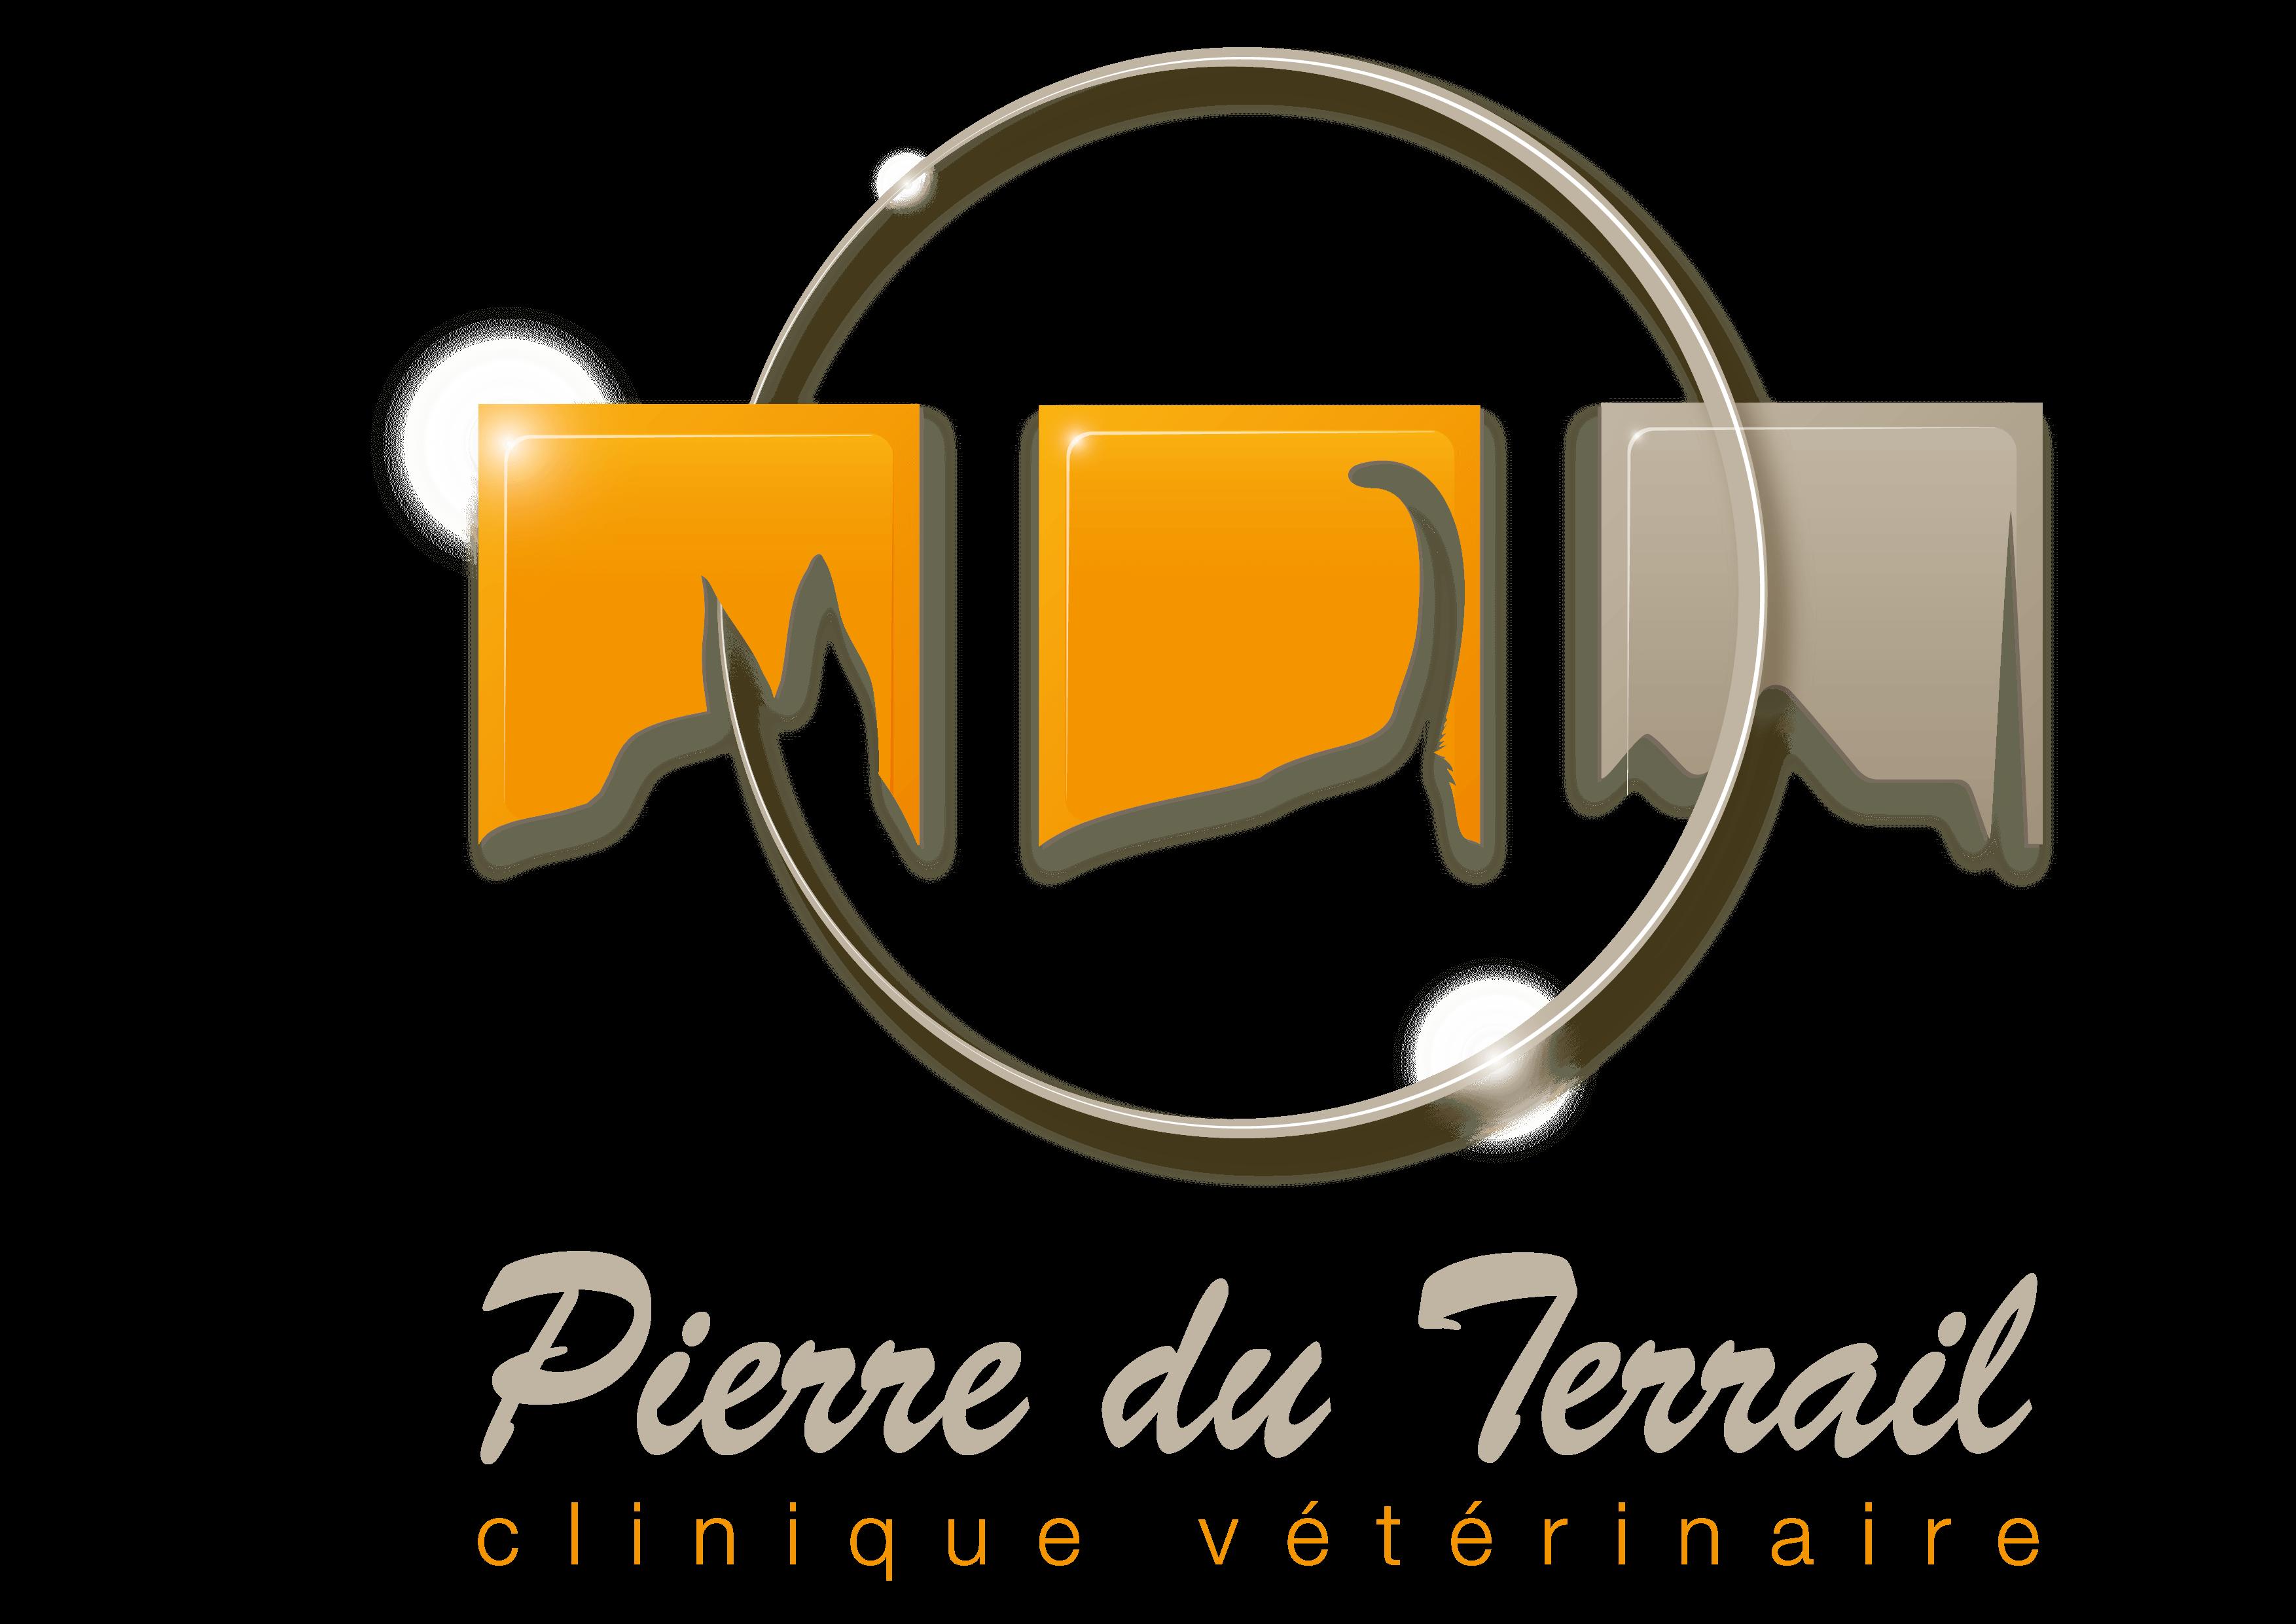 Clinique Vétérinaire Pierre du Terrail